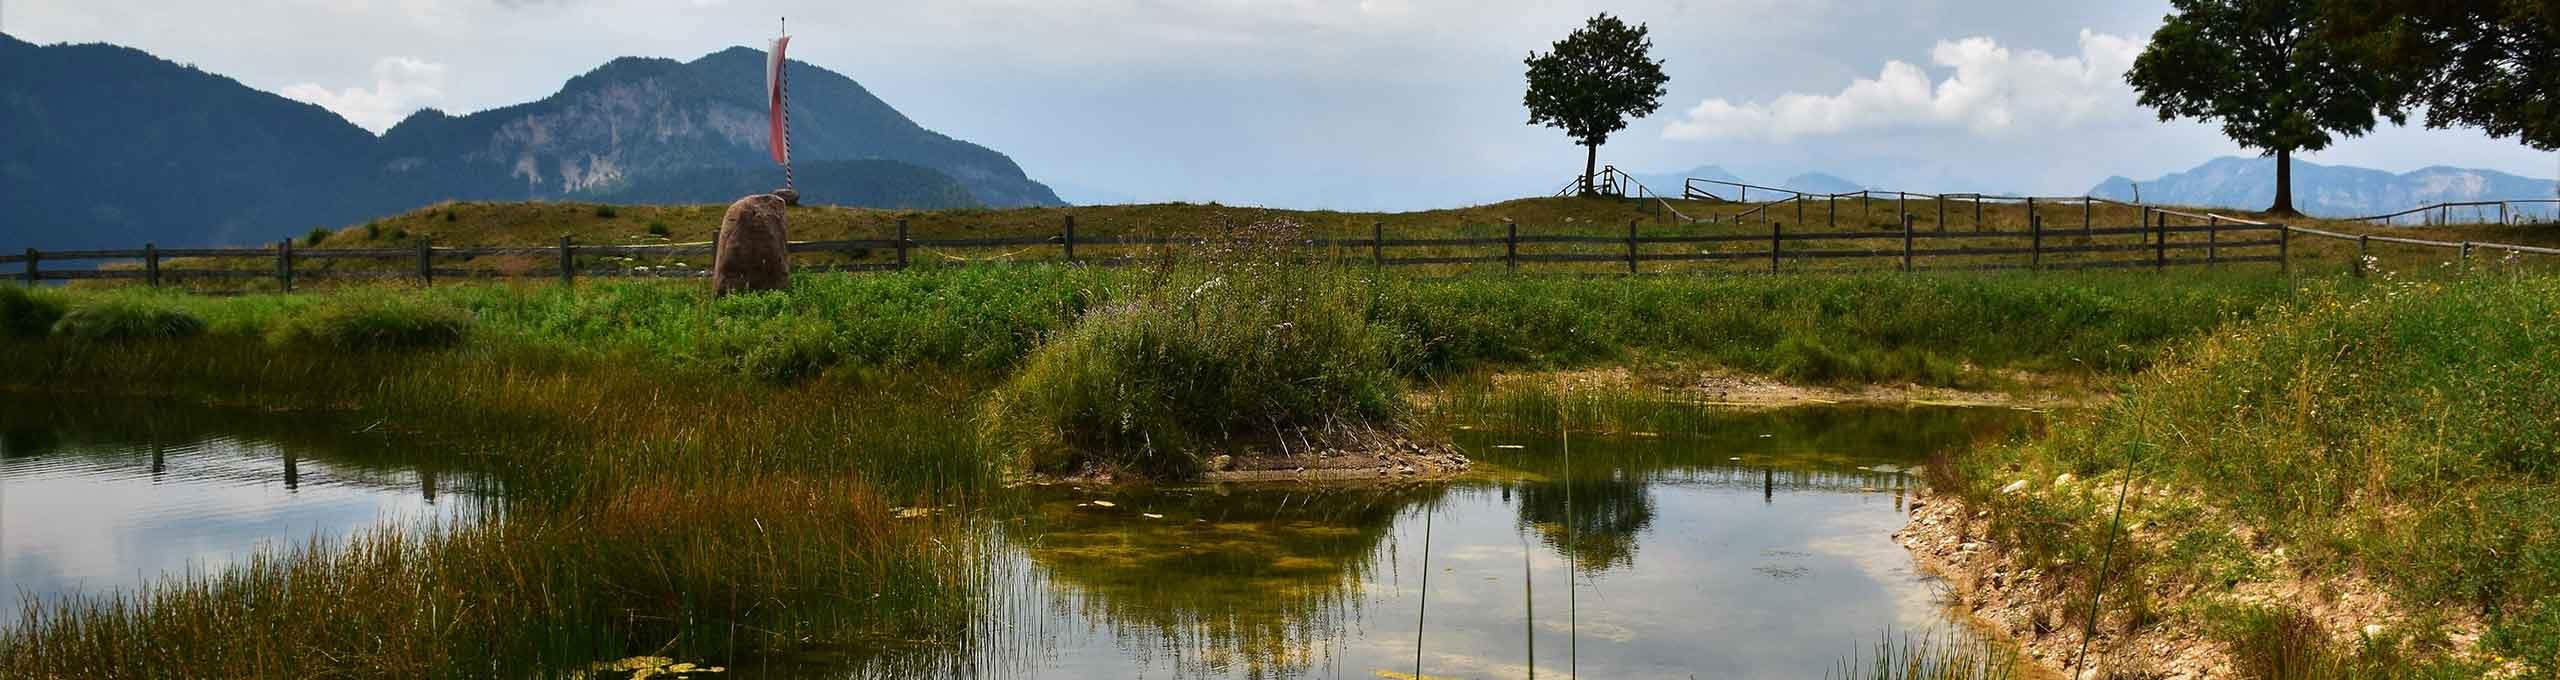 Parco Naturale di Trodena